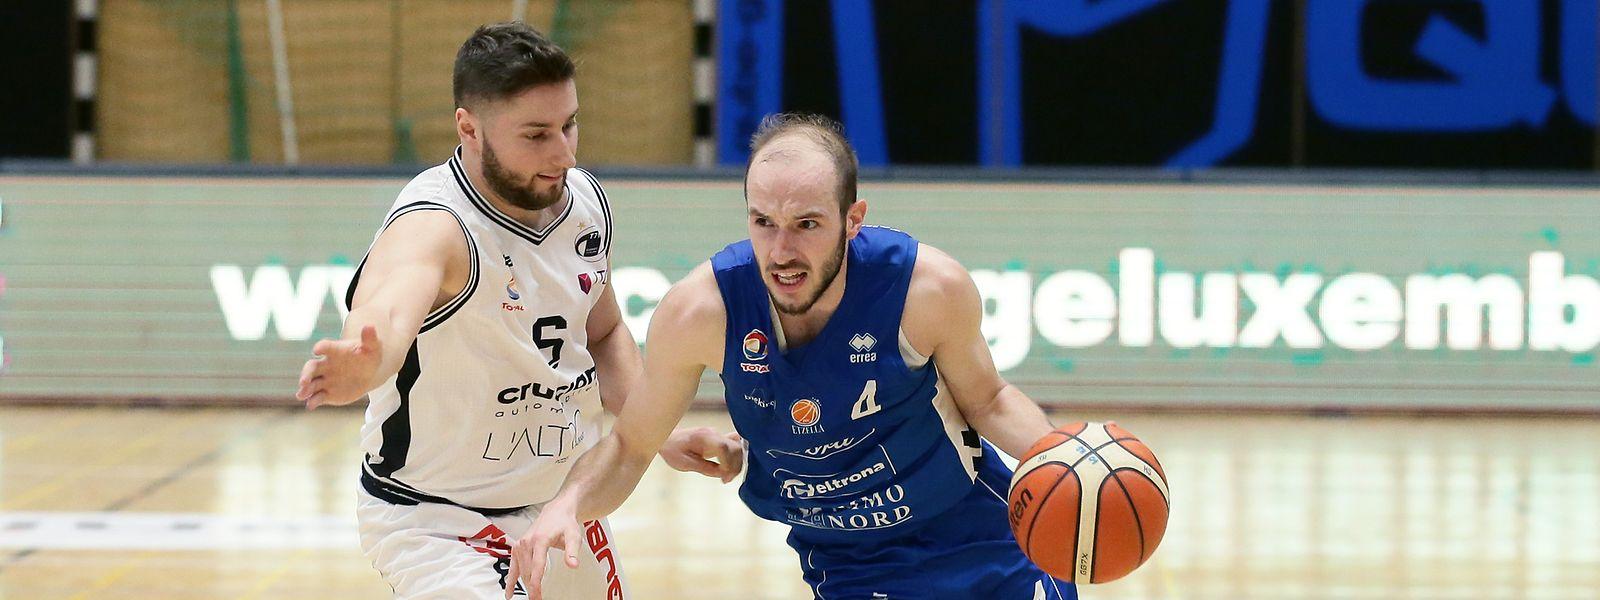 Philippe Gutenkauf (r.), hier gegen Düdelingens Kevin Moura, erzielt in der Titelgruppe die meisten Punkte aller Luxemburger.